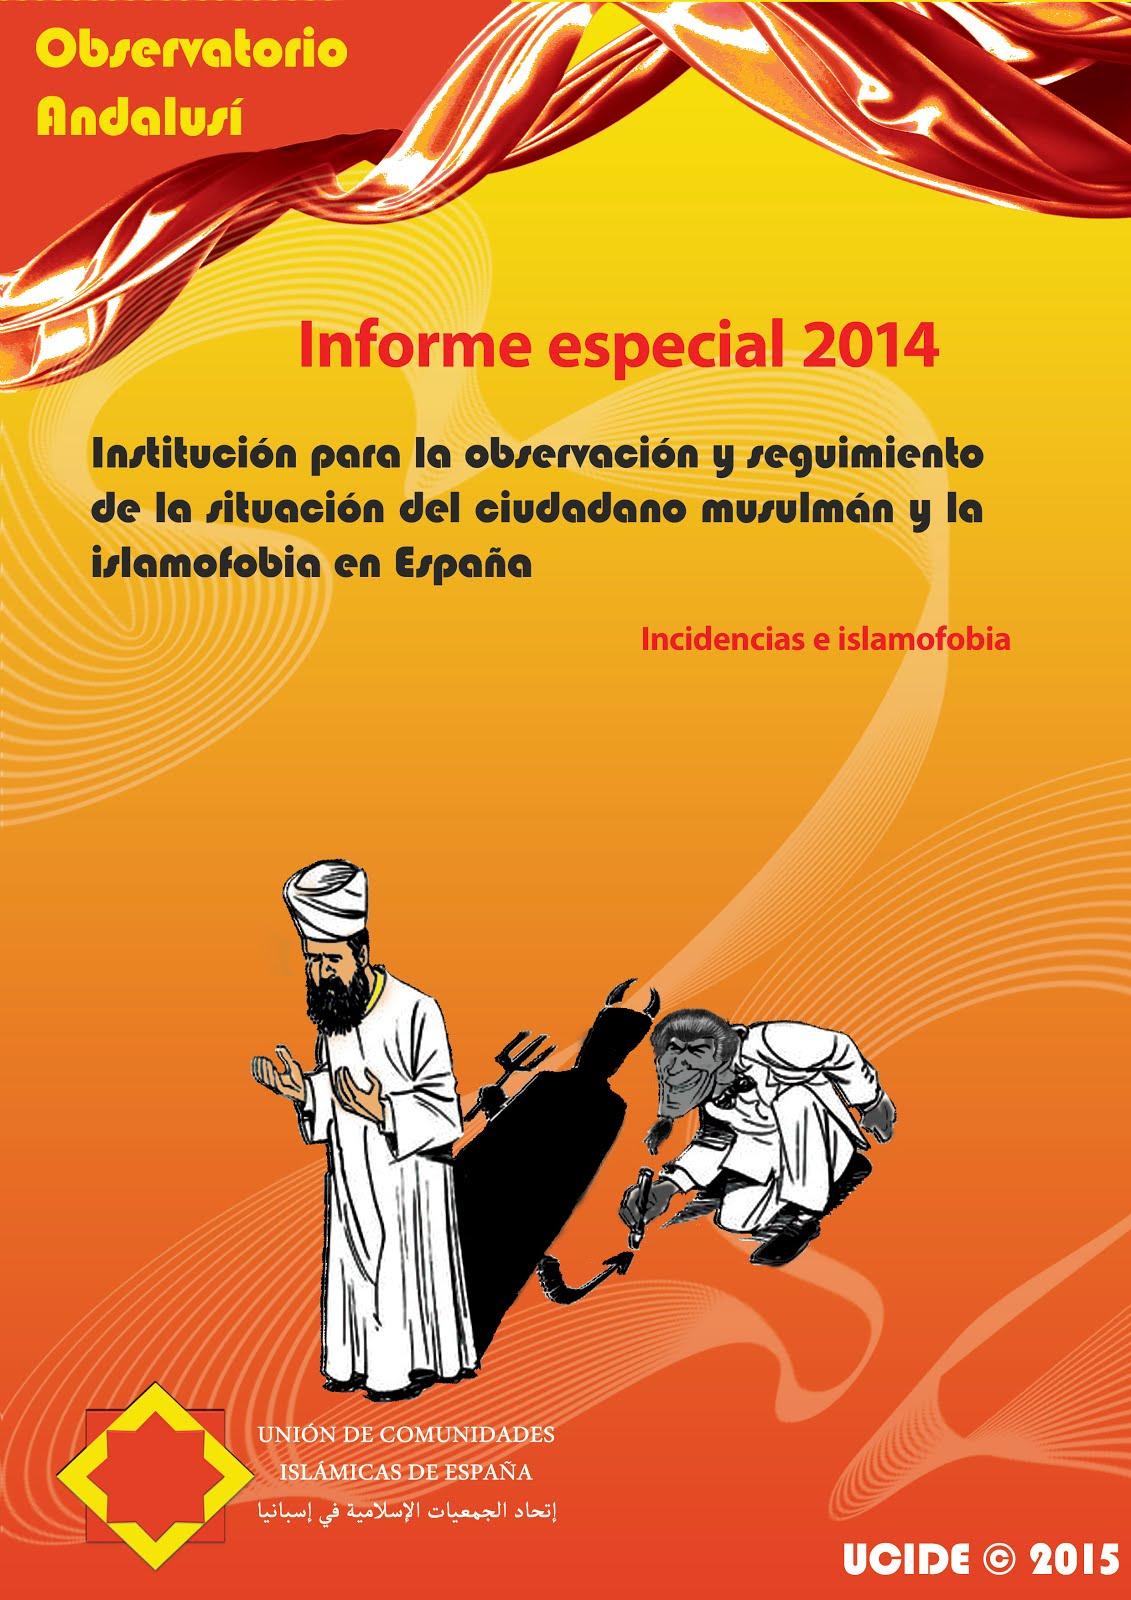 Informe especial J/2014